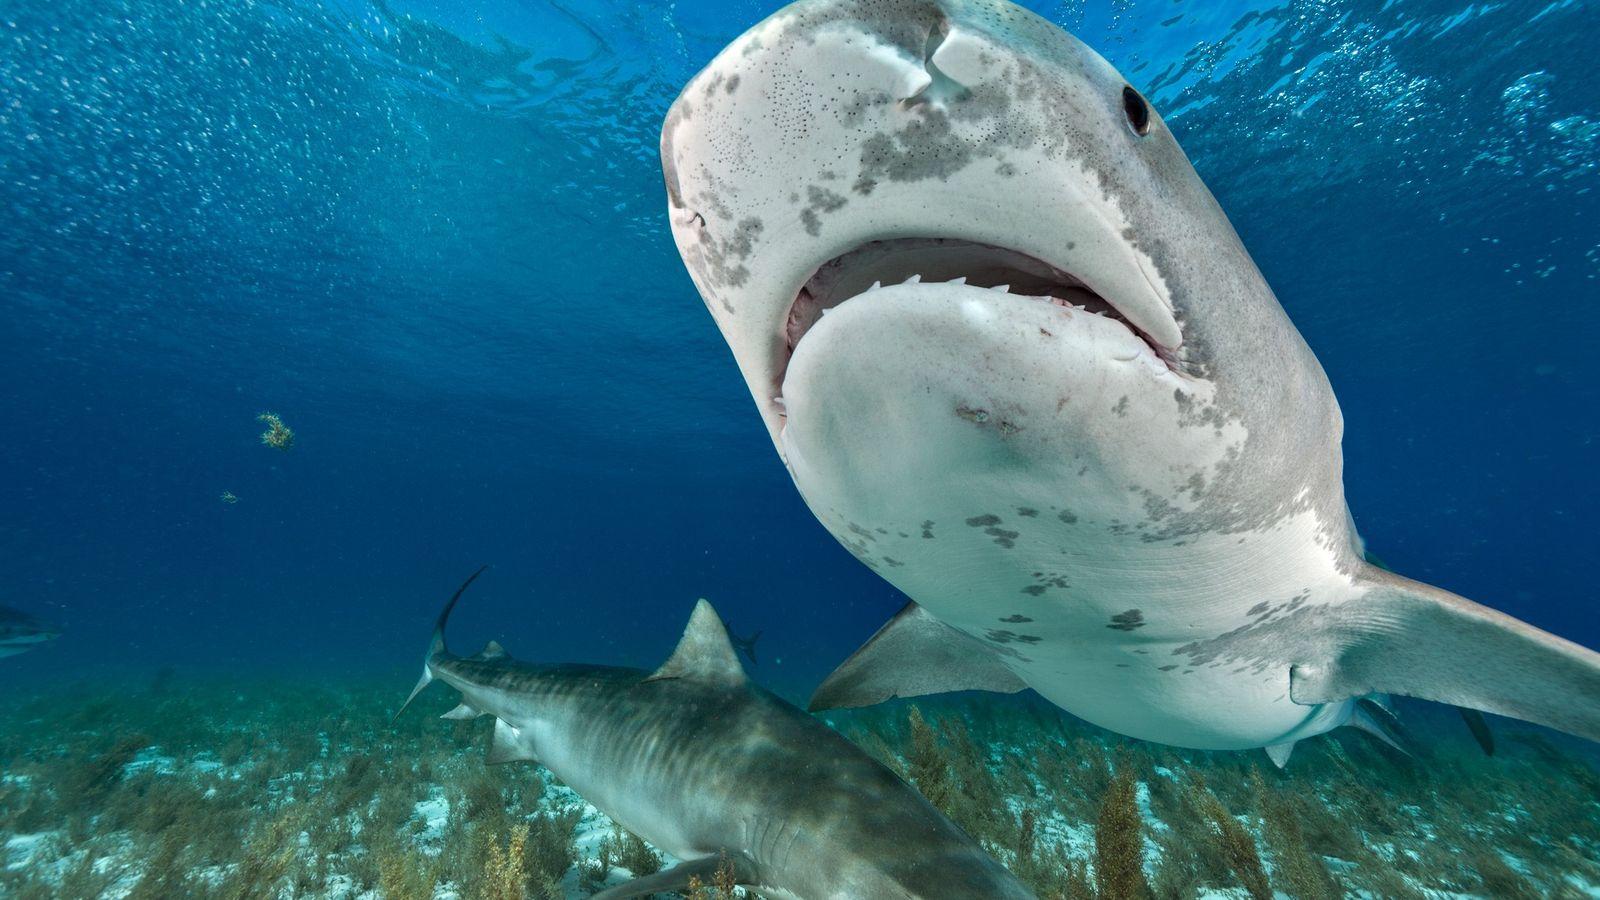 Tigerhaie durchstreifen die Gewässer im Norden der Bahamas.